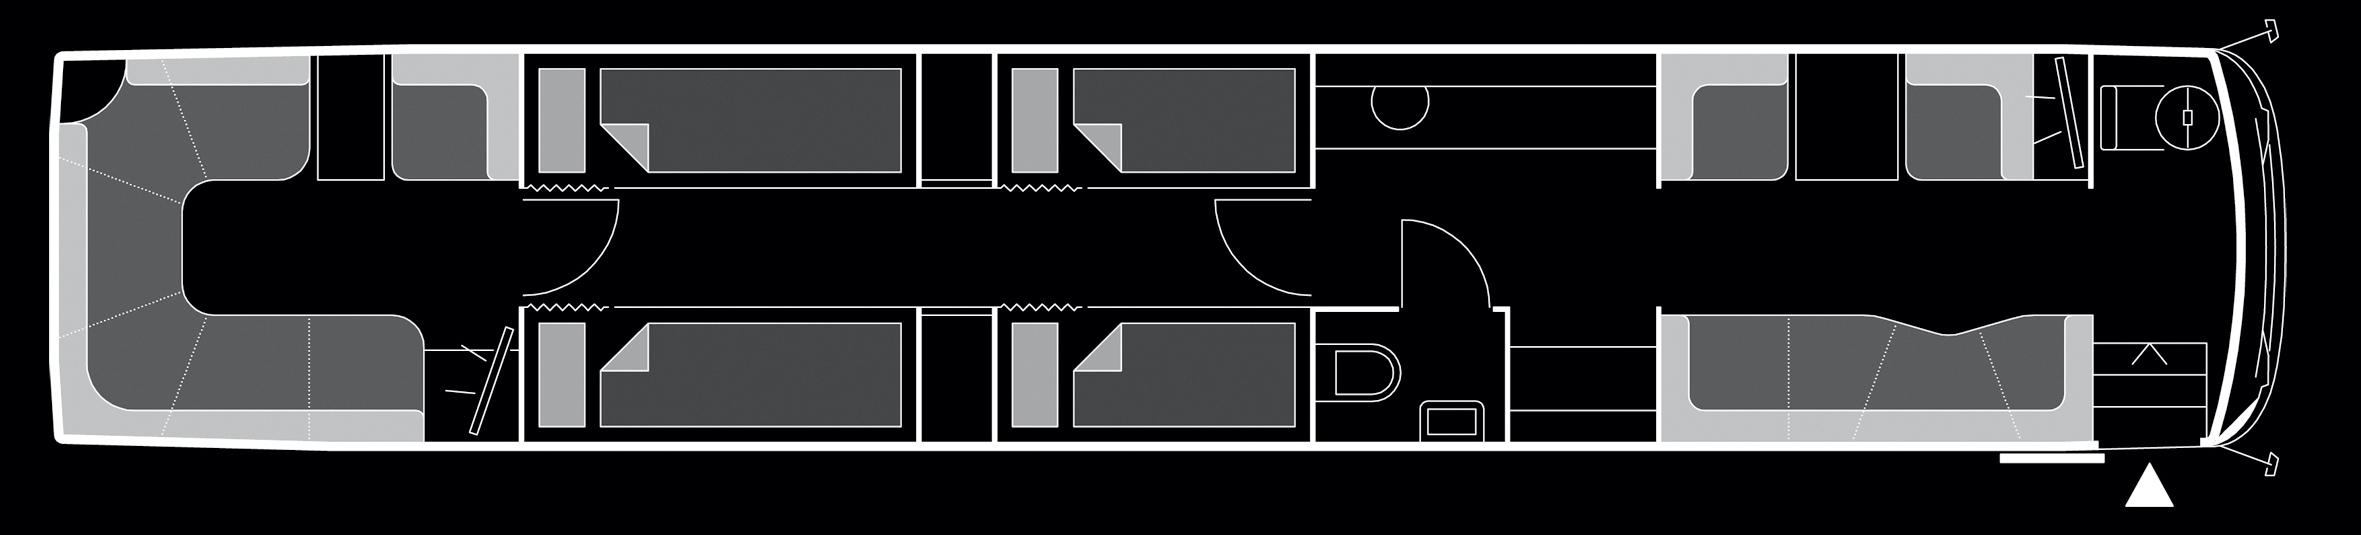 Beat the Street - VanHool Superhighdeckers Floor Plan